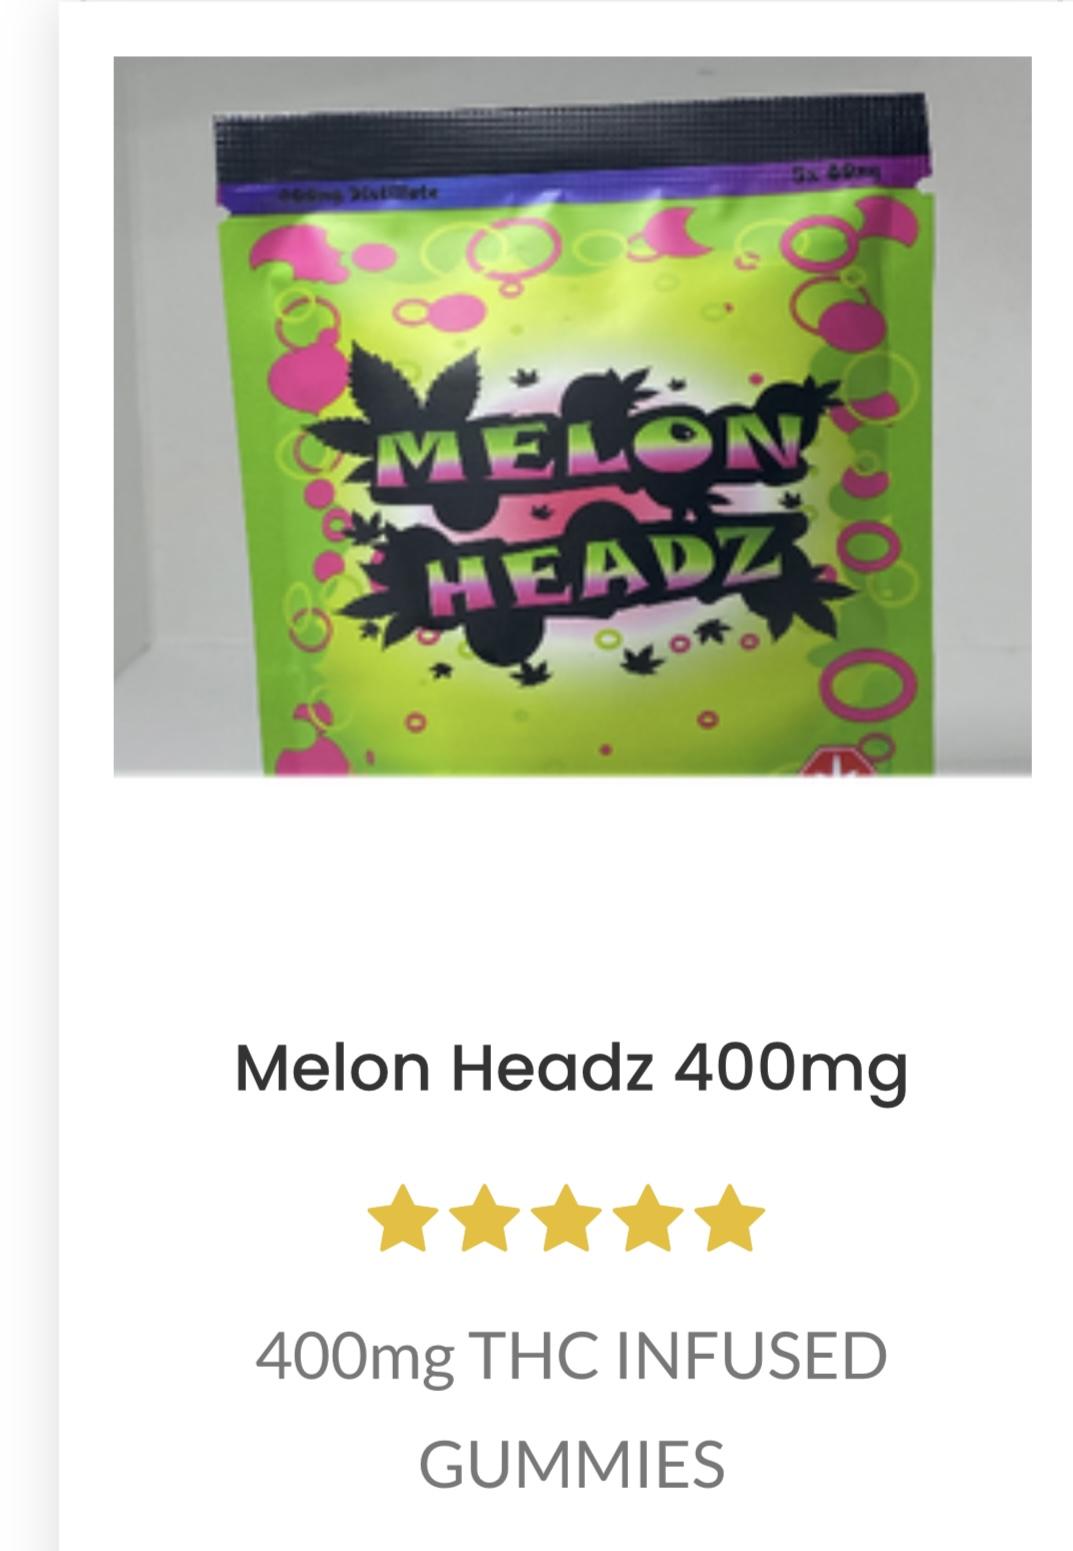 *New* Melon Headz  Gummies 400mg $15 each or 4 for $55